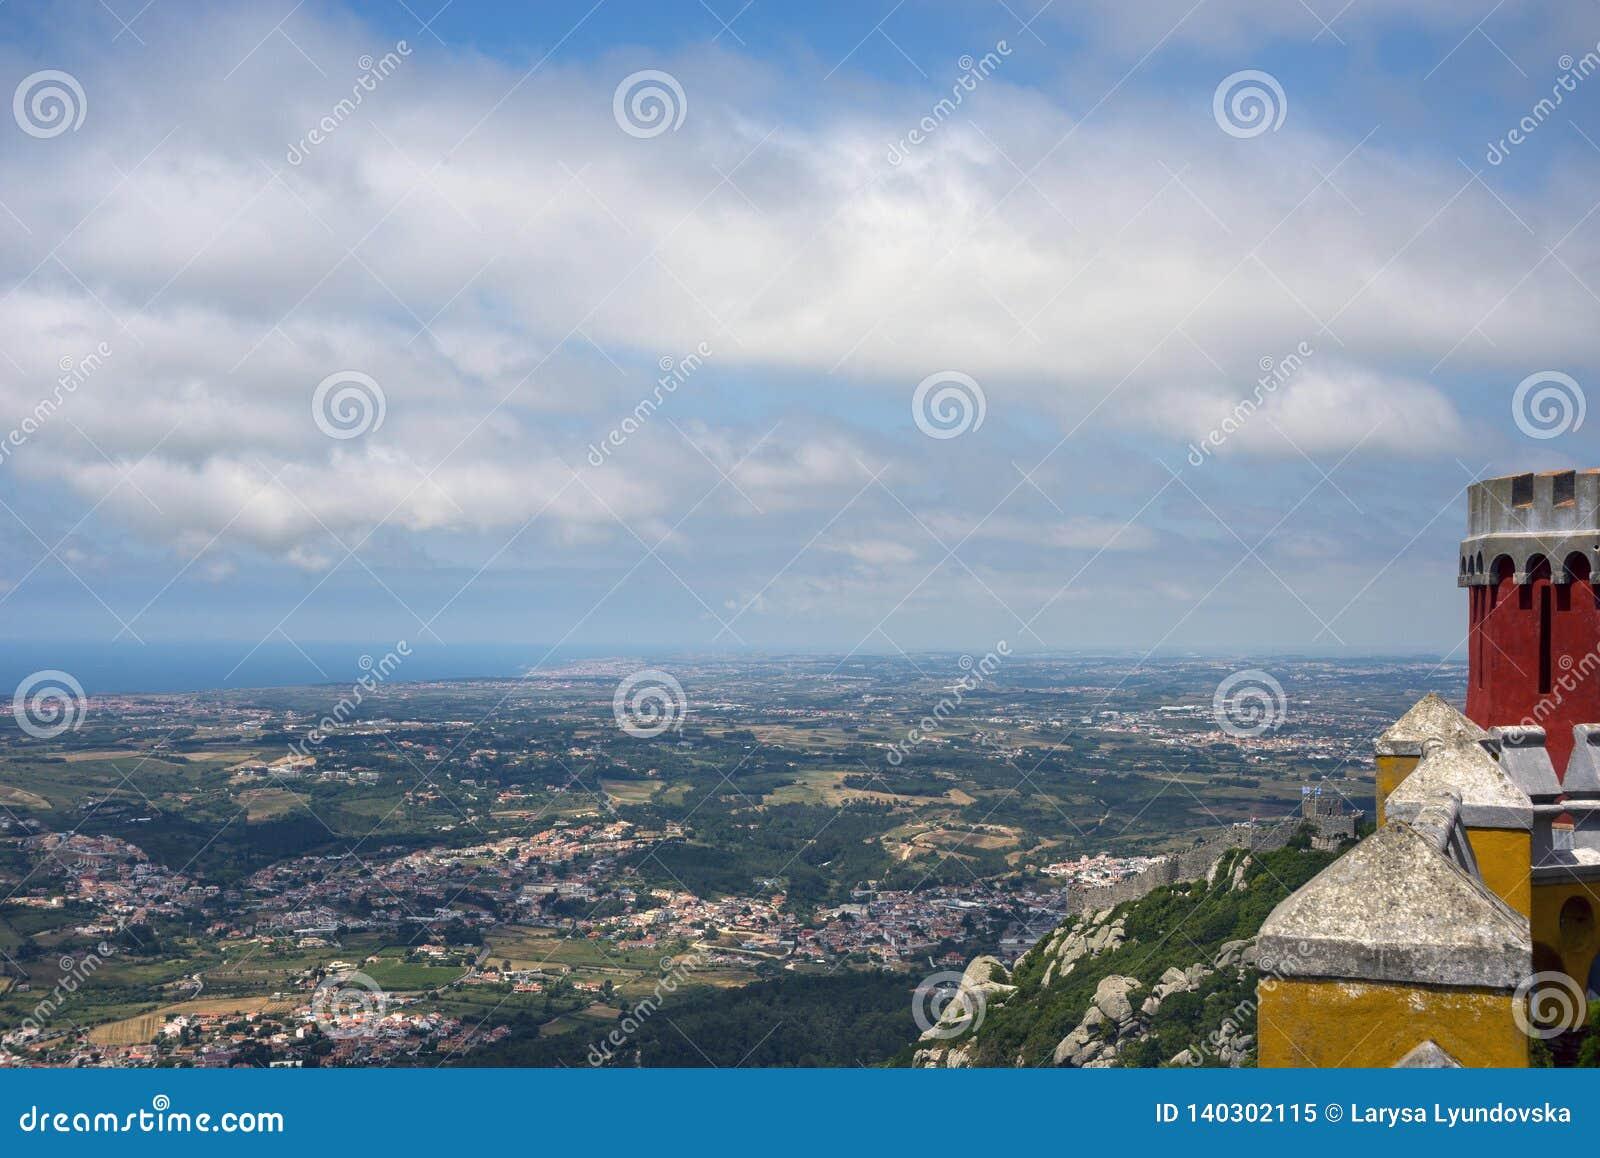 Взгляд долины, города и неба с облаками от смотровой площадки дворца Pena